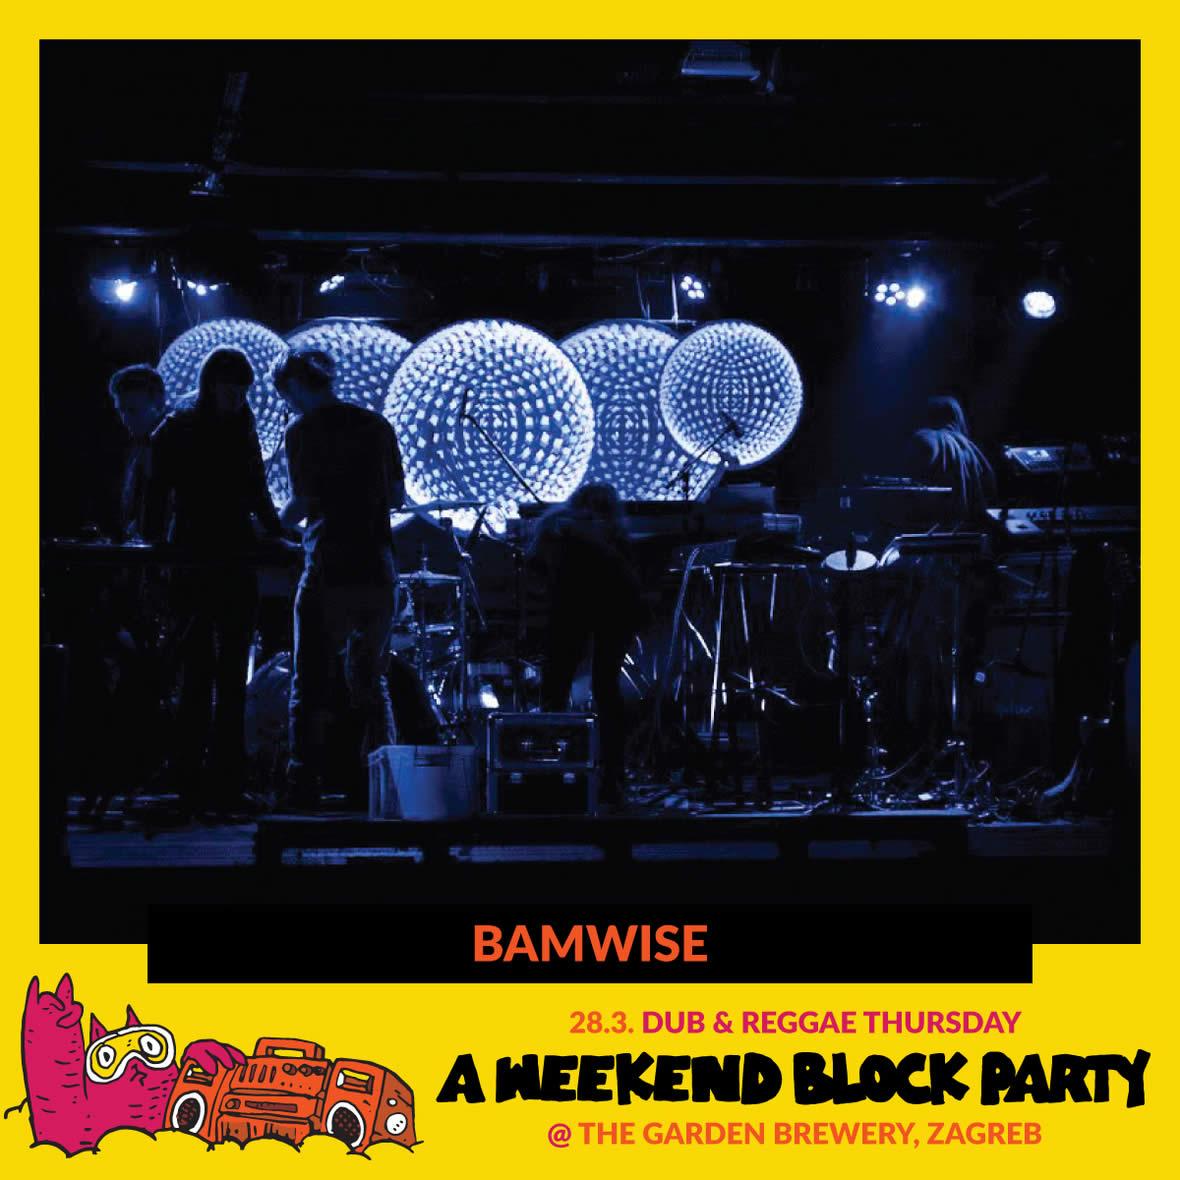 Bamwise